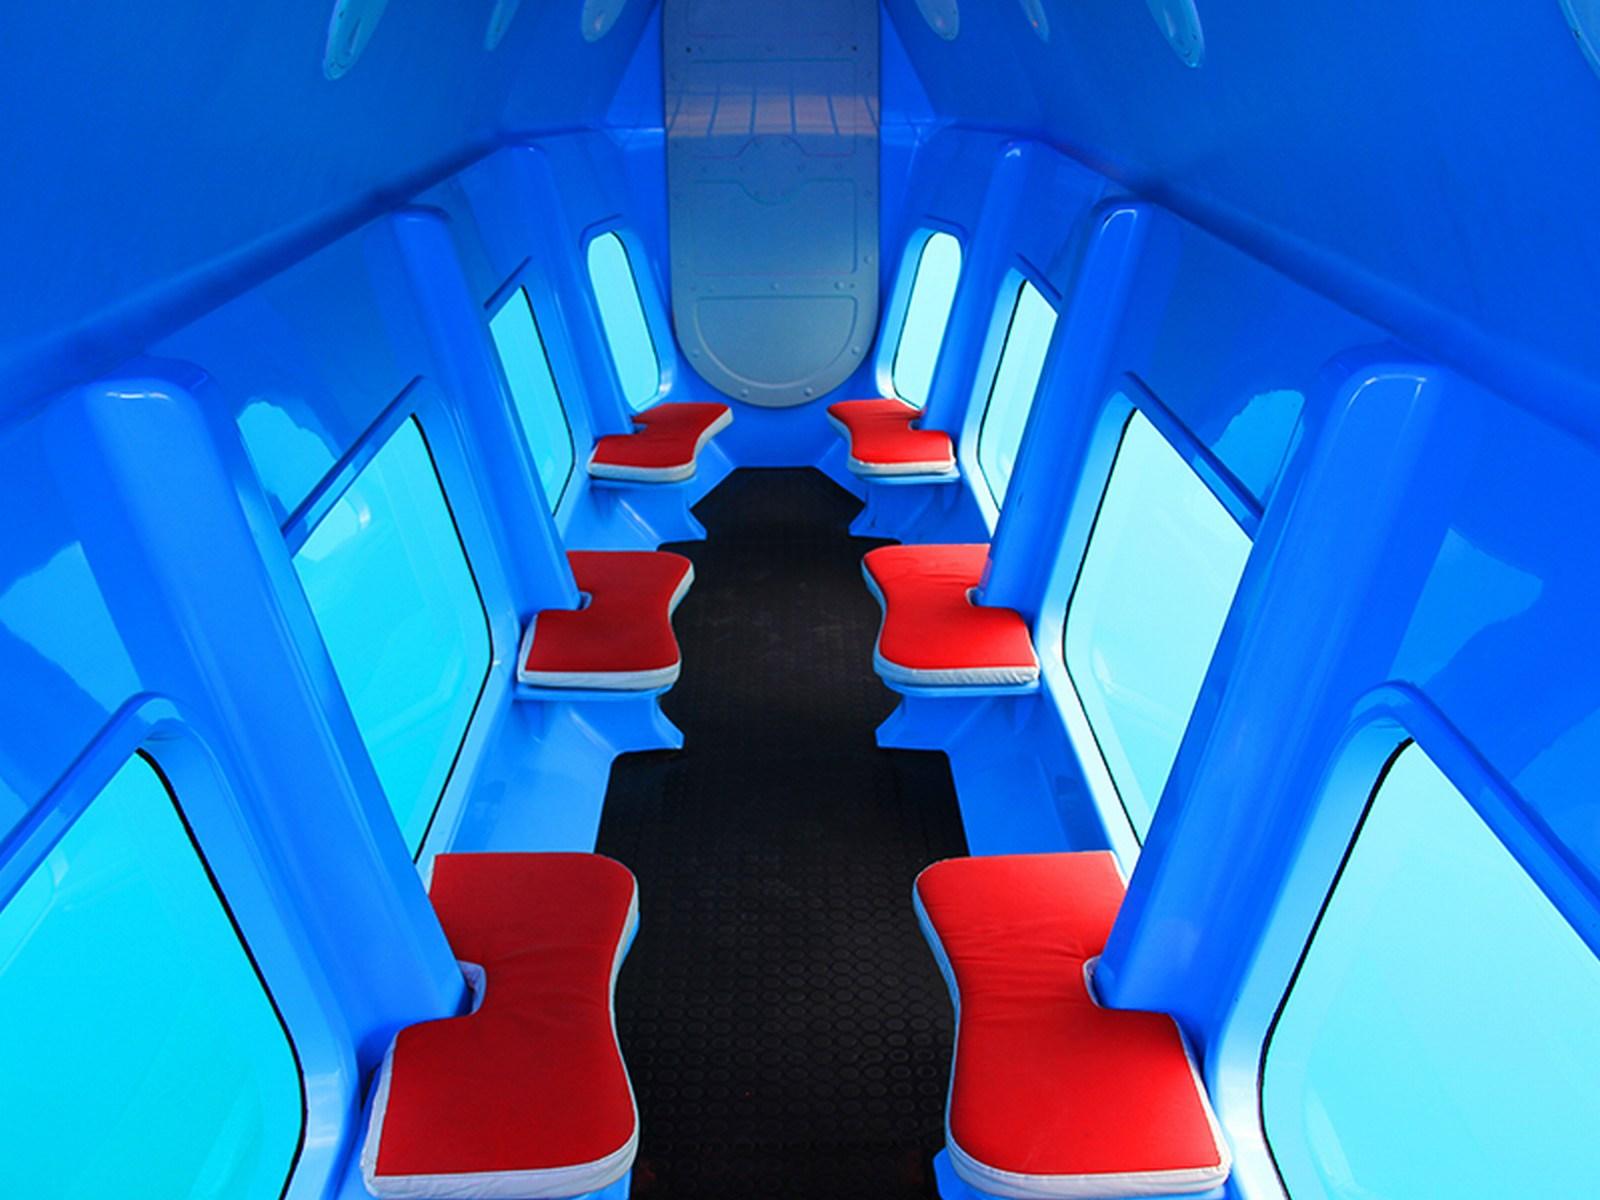 Za obiskovalce je lepo poskrbljeno. V sami polpodmornici je dovolj udobno, da lahko uživa vsak.